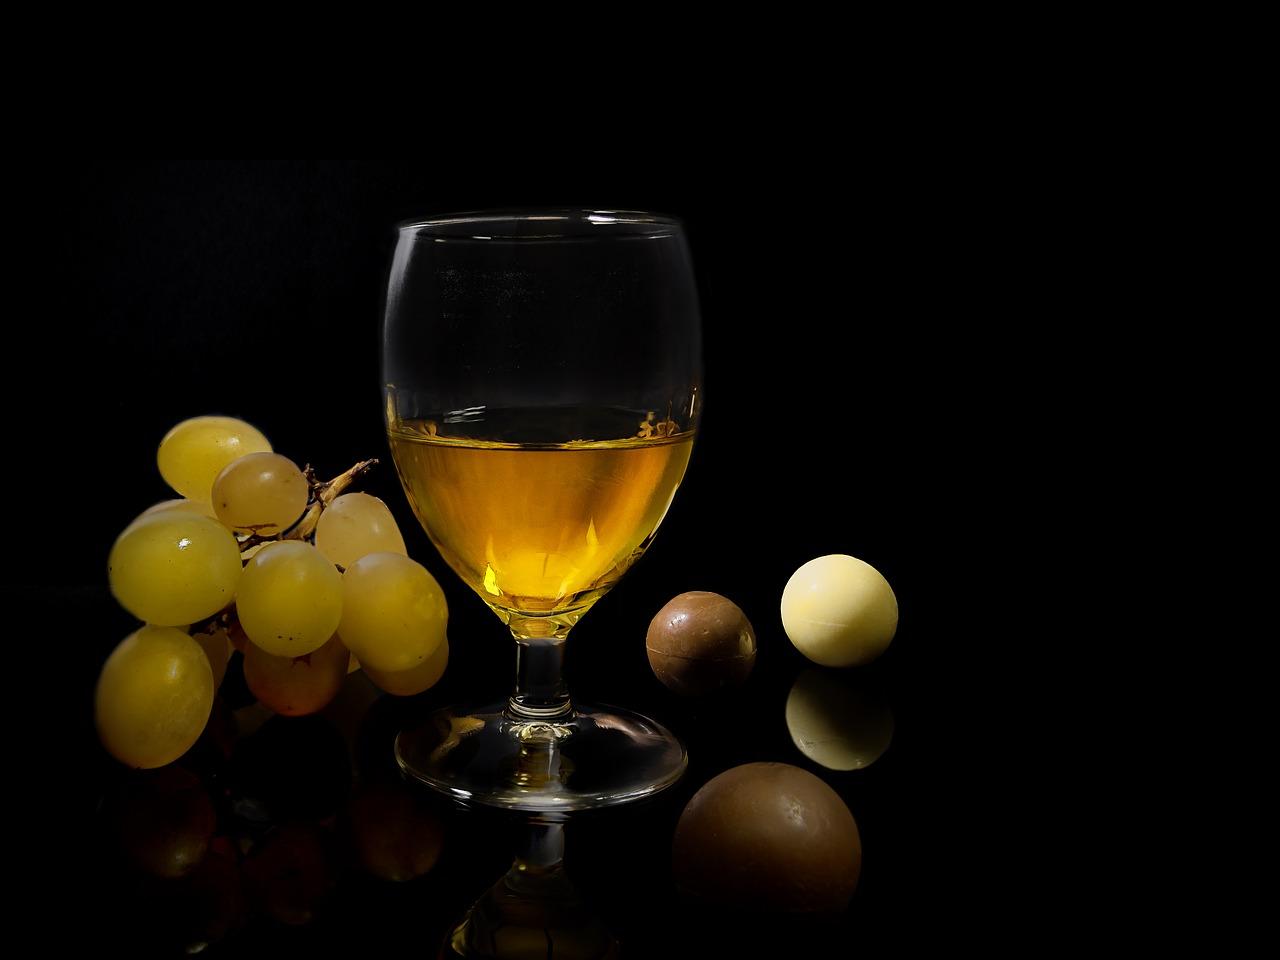 grape-1757708_1280.jpg